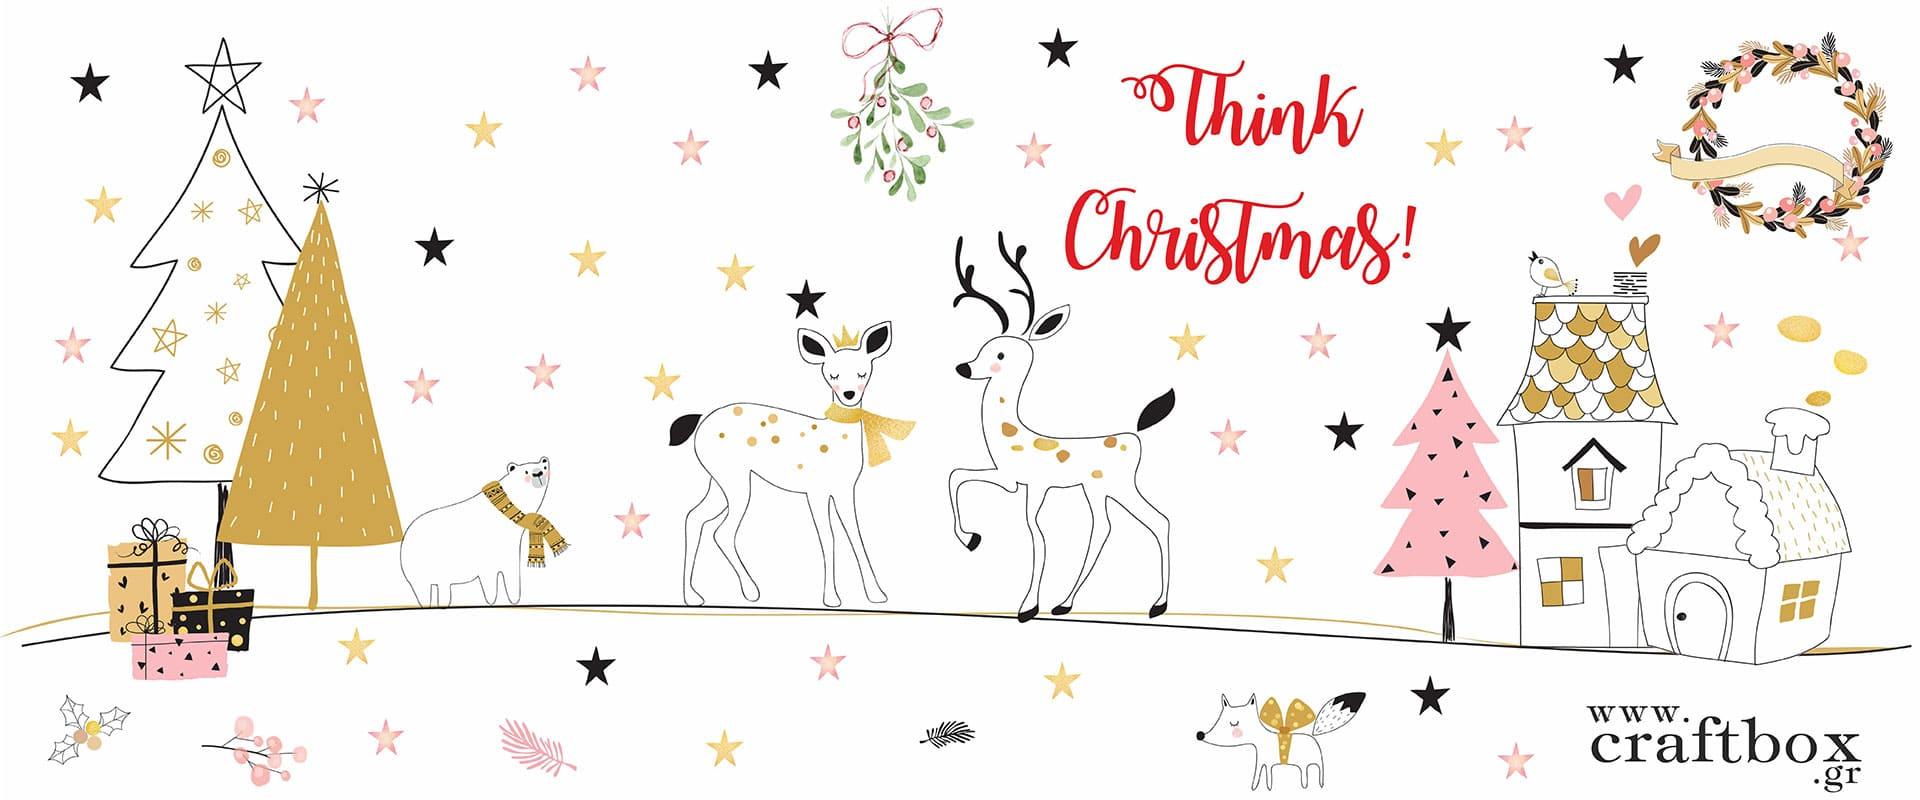 Χριστουγεννιάτικα είδη, γούρια, δώρα, διακόσμηση Χριστουγέννων